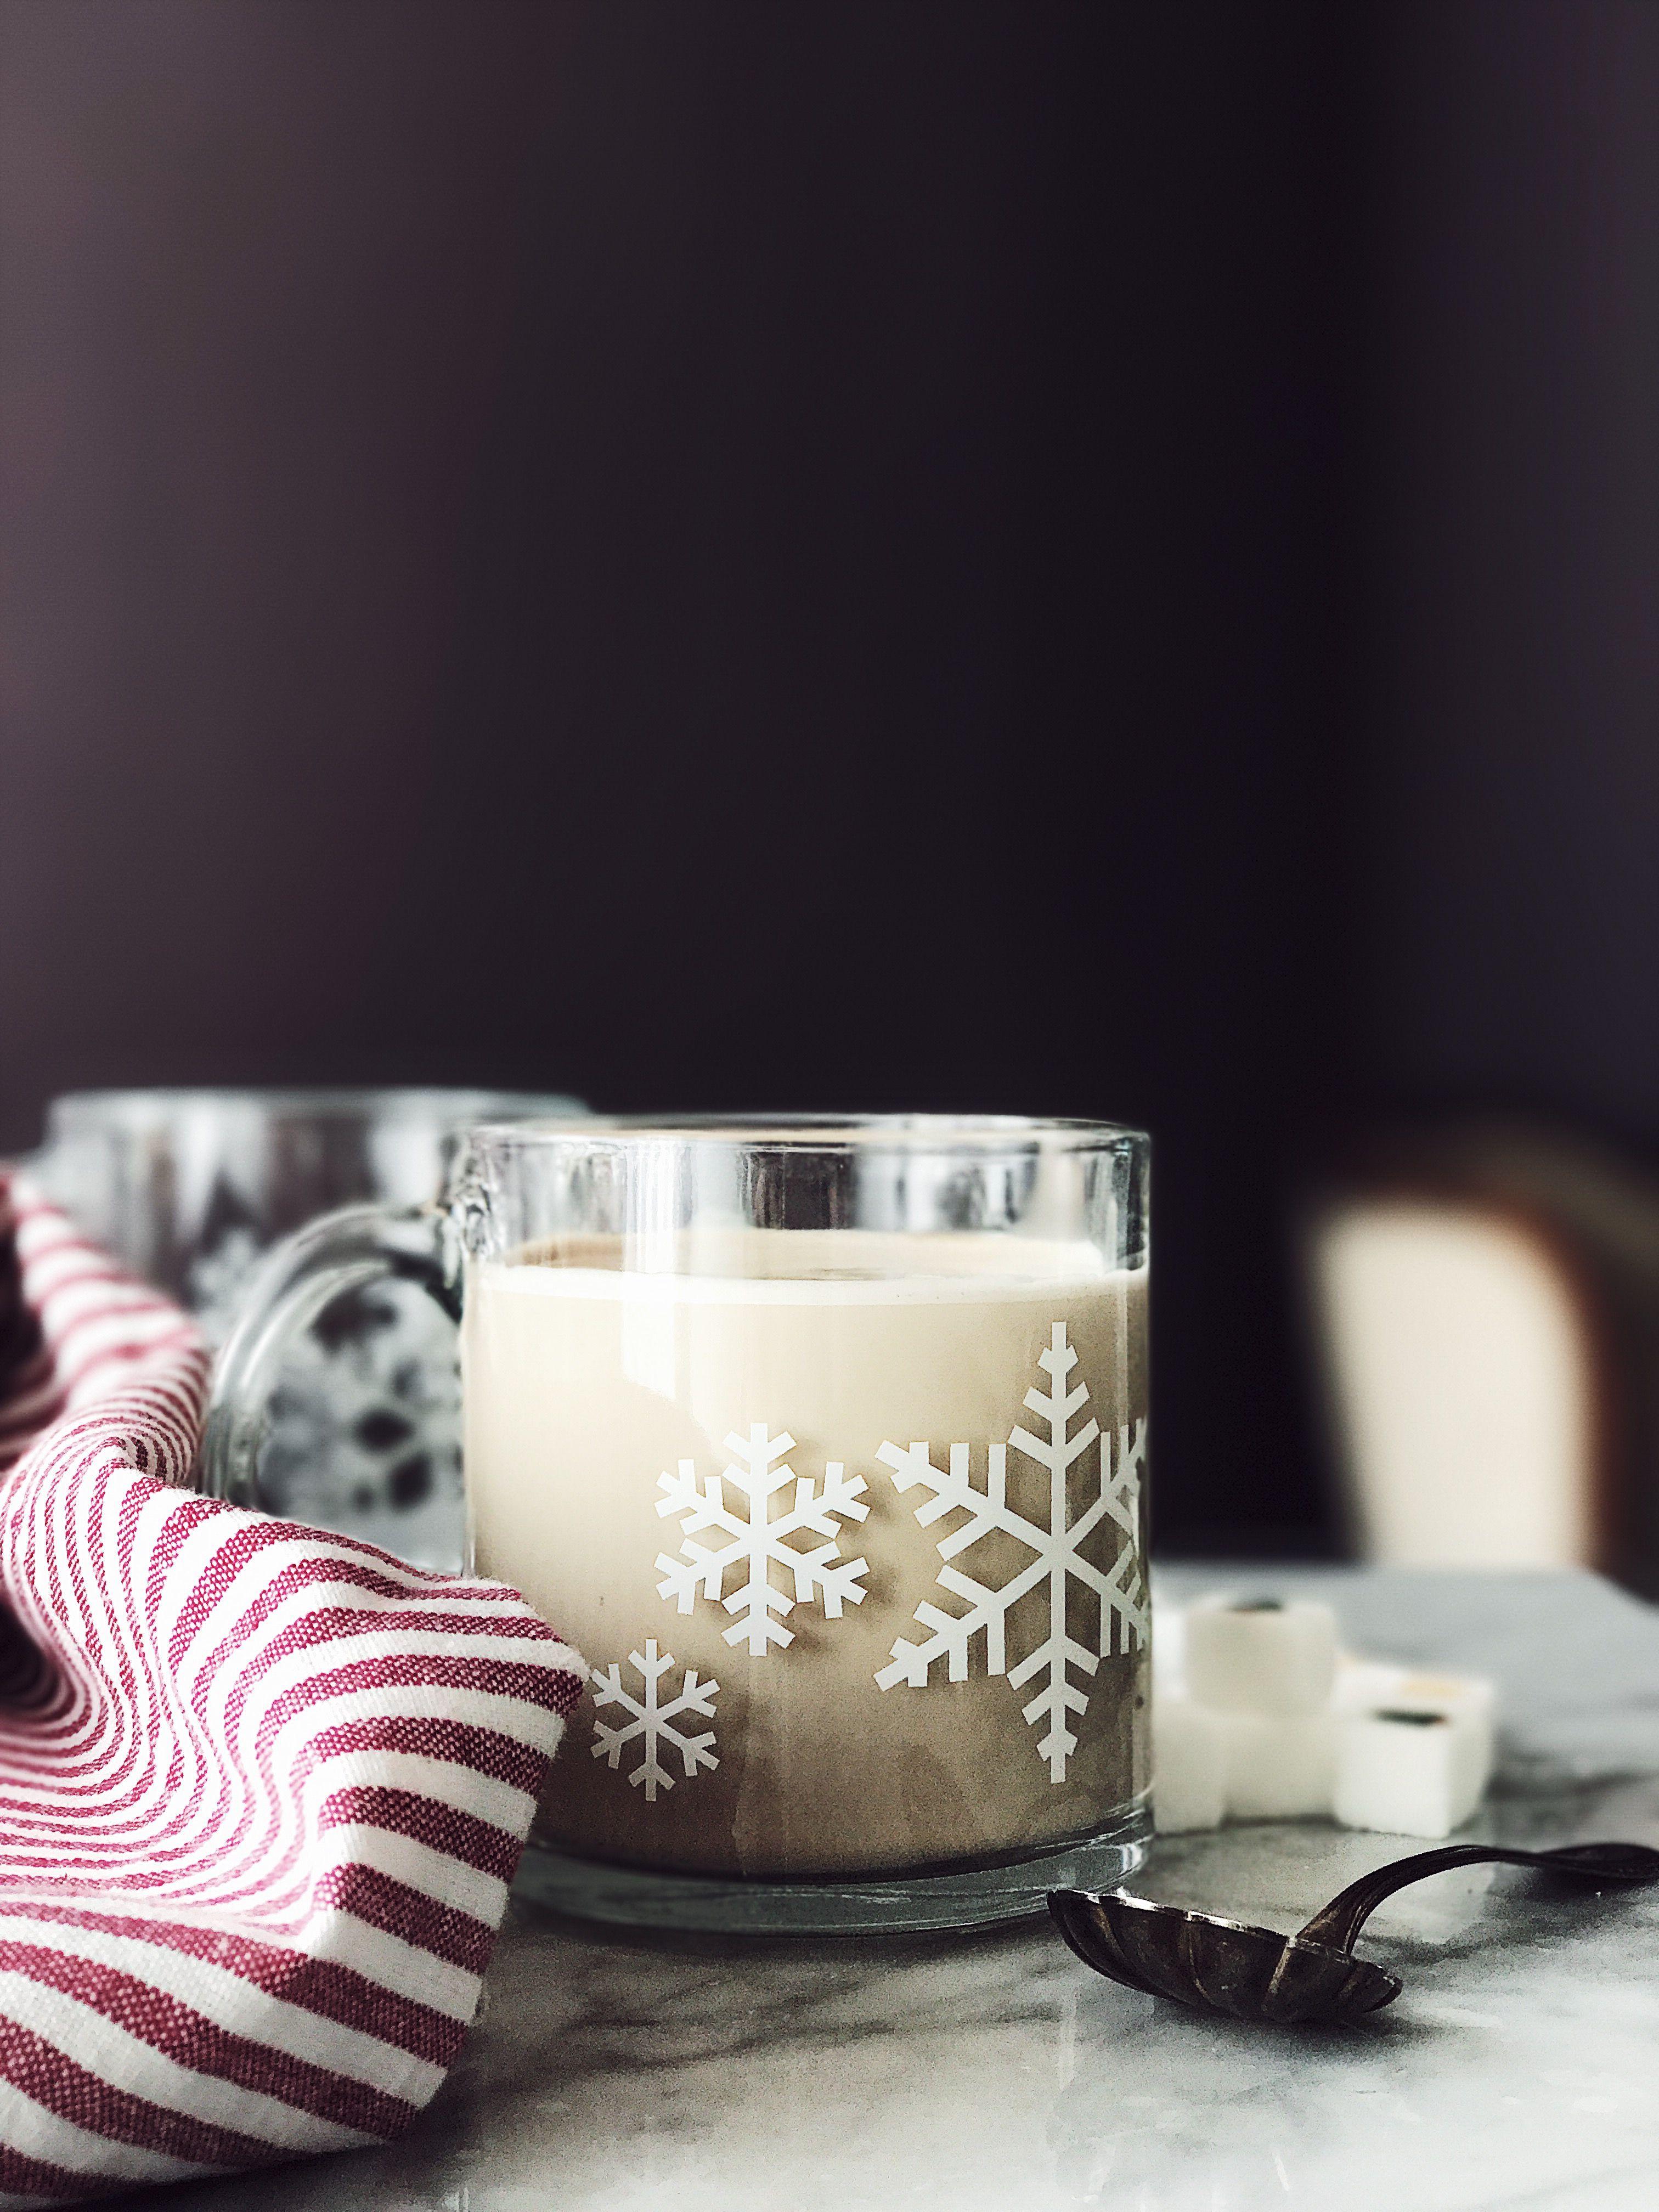 Macchiato recipe & a gingerbread latte macchiato by Gourmet Project